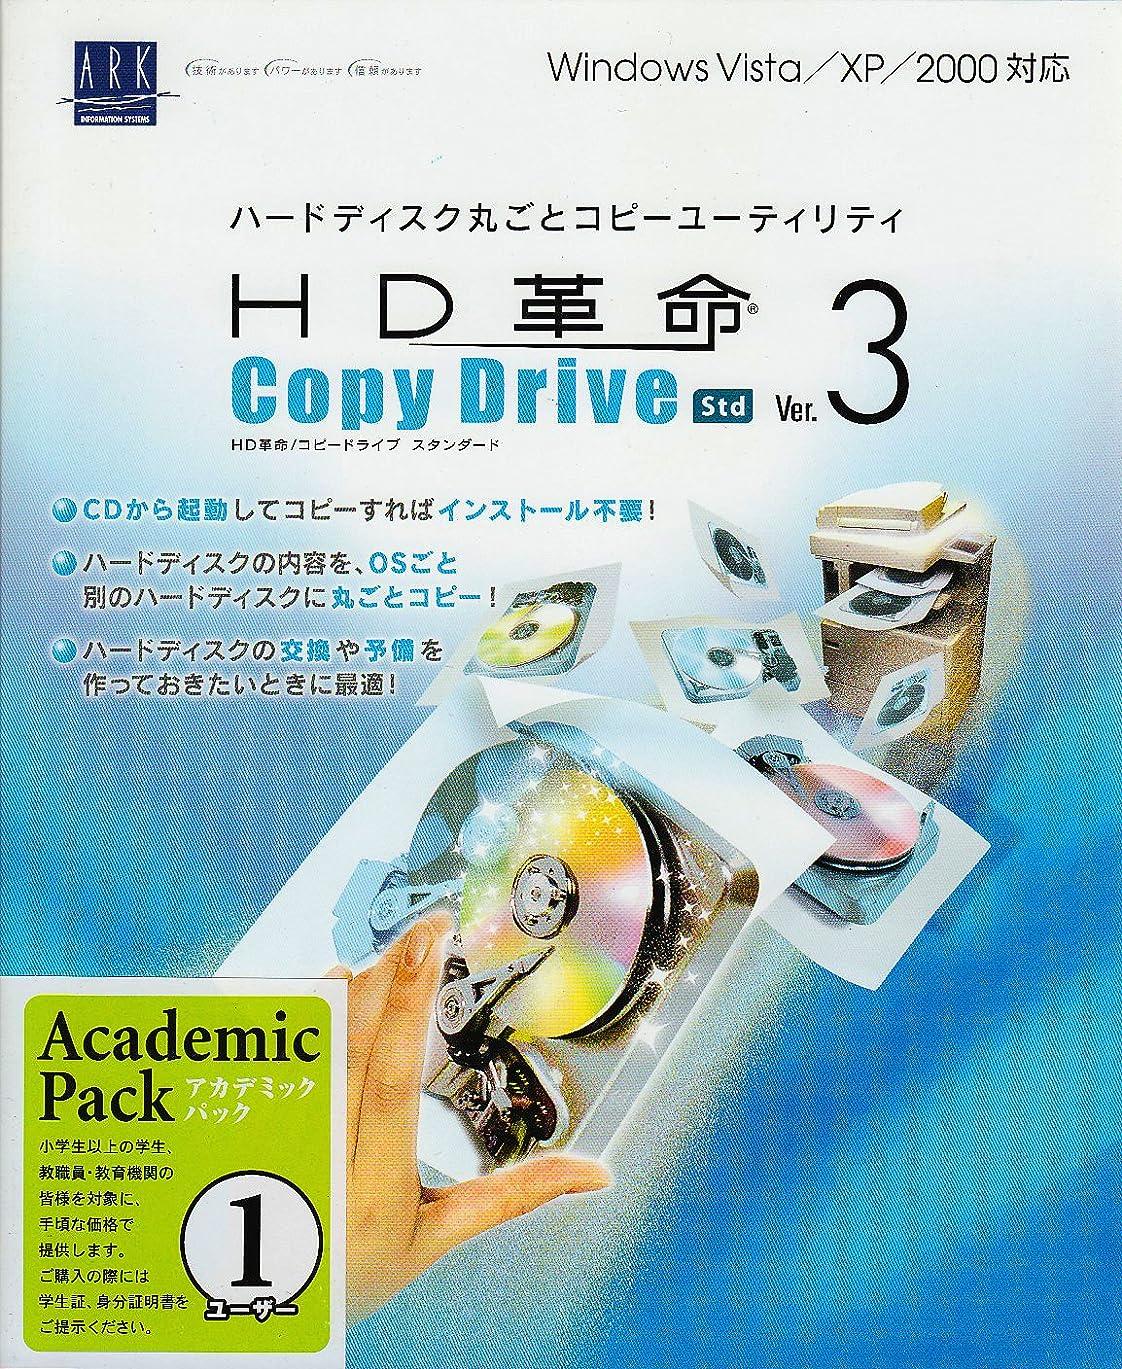 先史時代のに変わる購入HD革命/CopyDrive Ver.3 Std アカデミックパック 1ユーザー